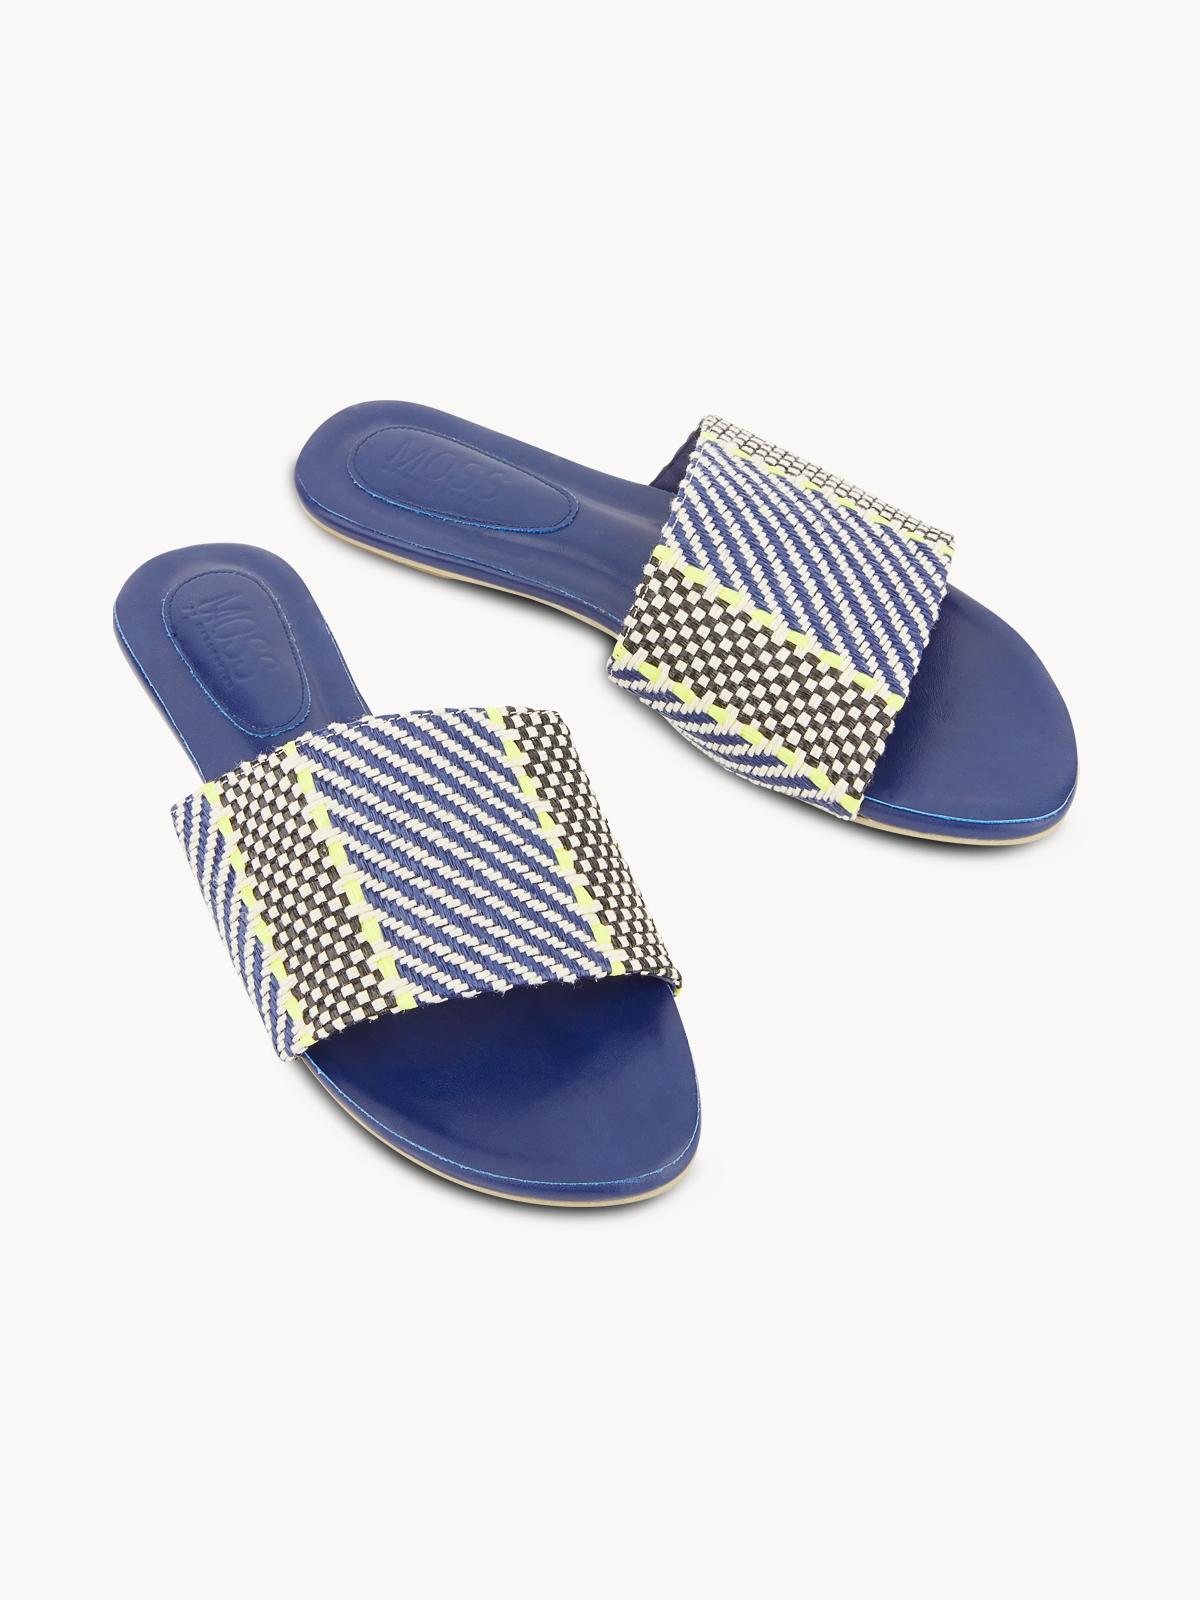 Mosstories Weave Sandals Navy